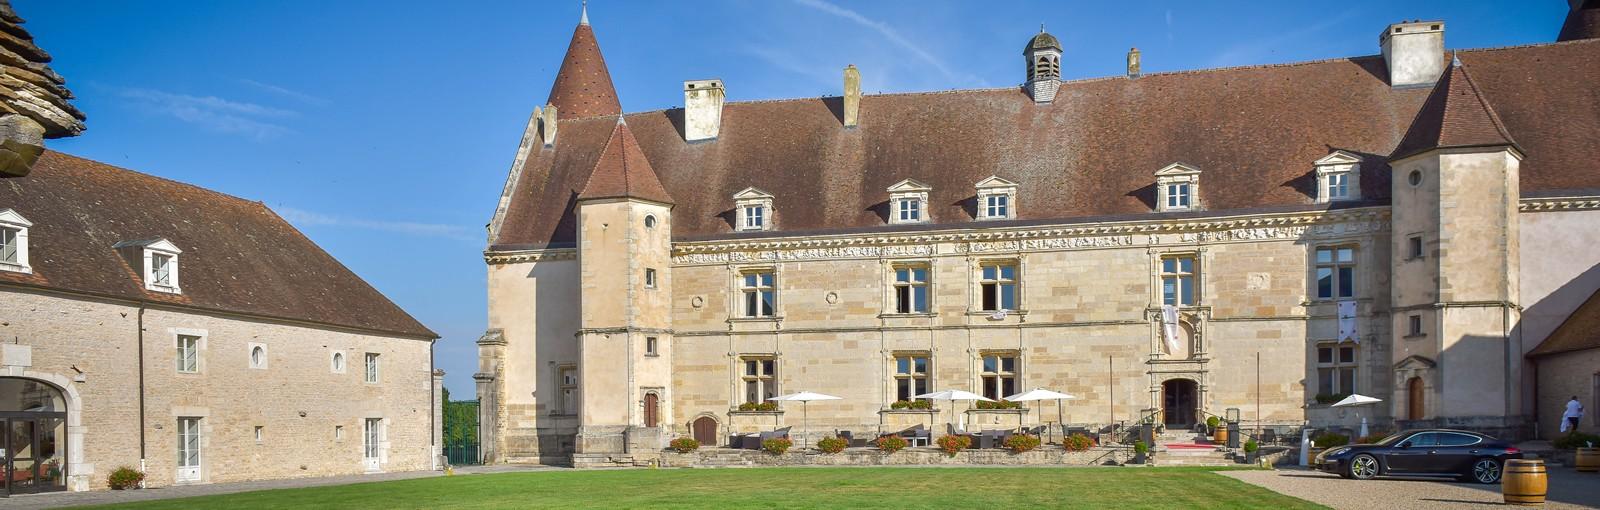 Bourgogne - Chateau - Hôtel